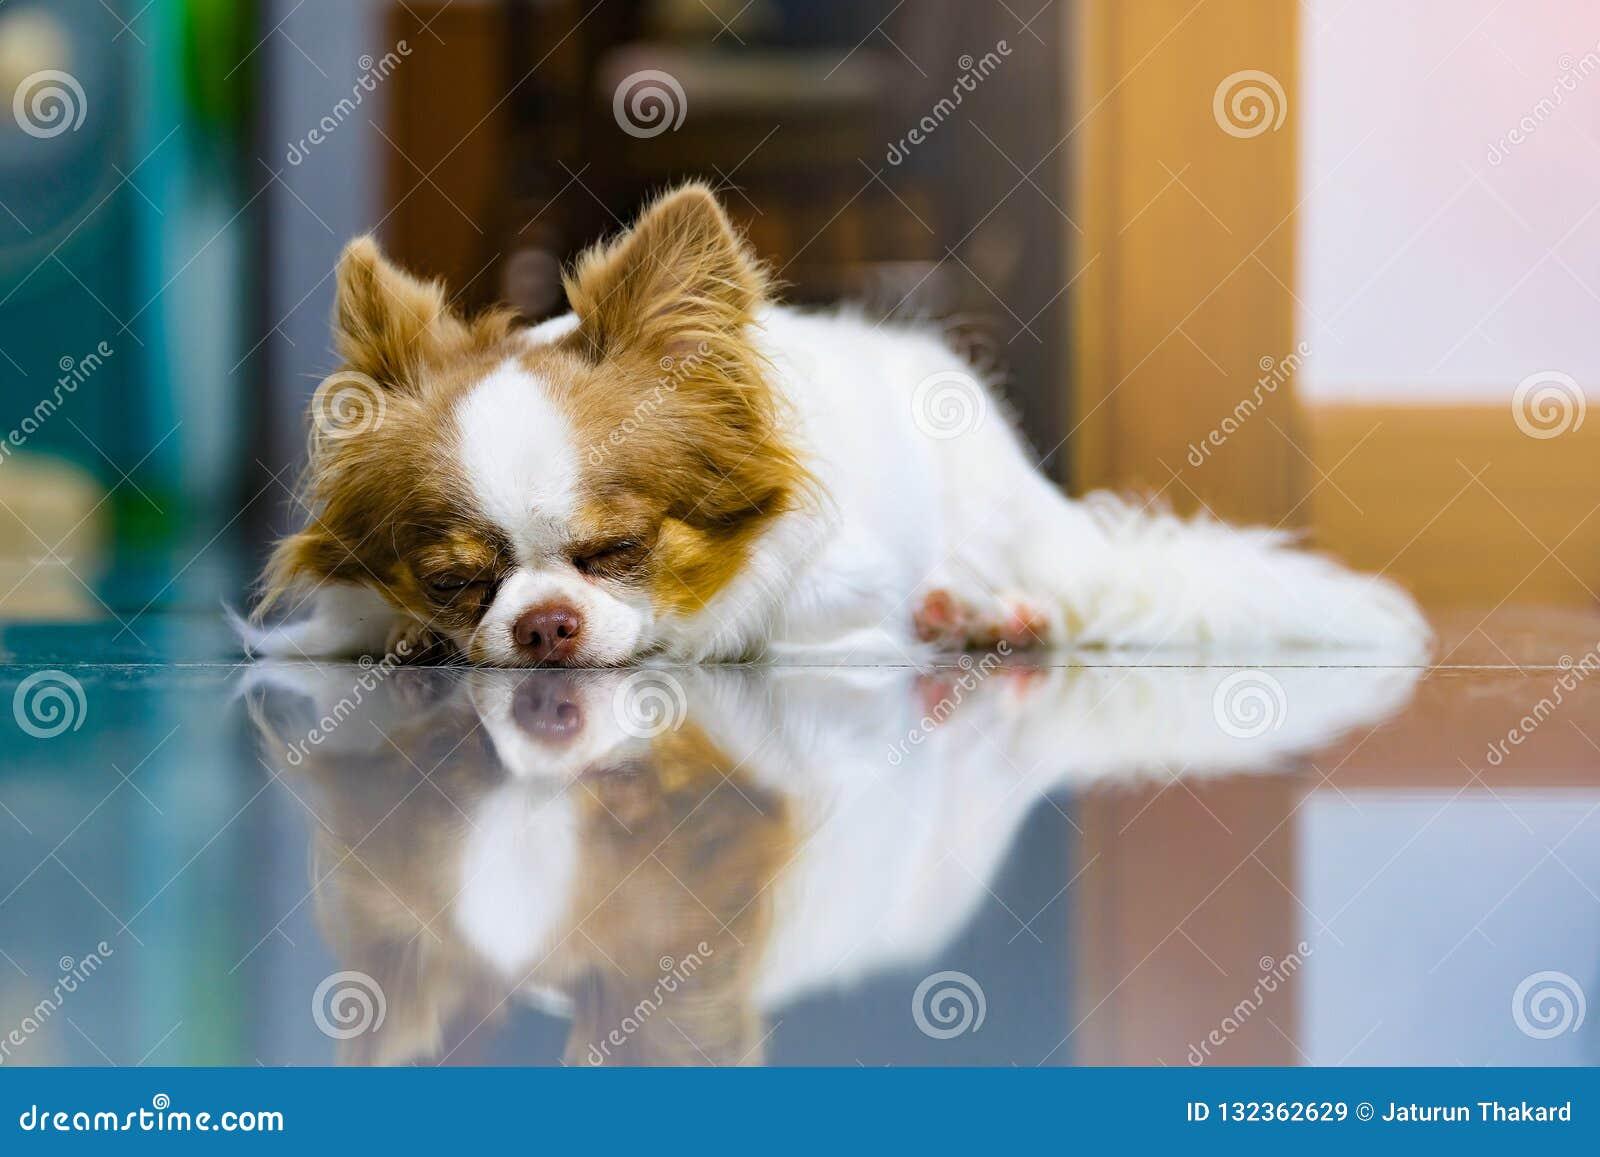 Perro perezoso, chihuahua marrón y blanca linda durmiendo y relajándose en piso tejado